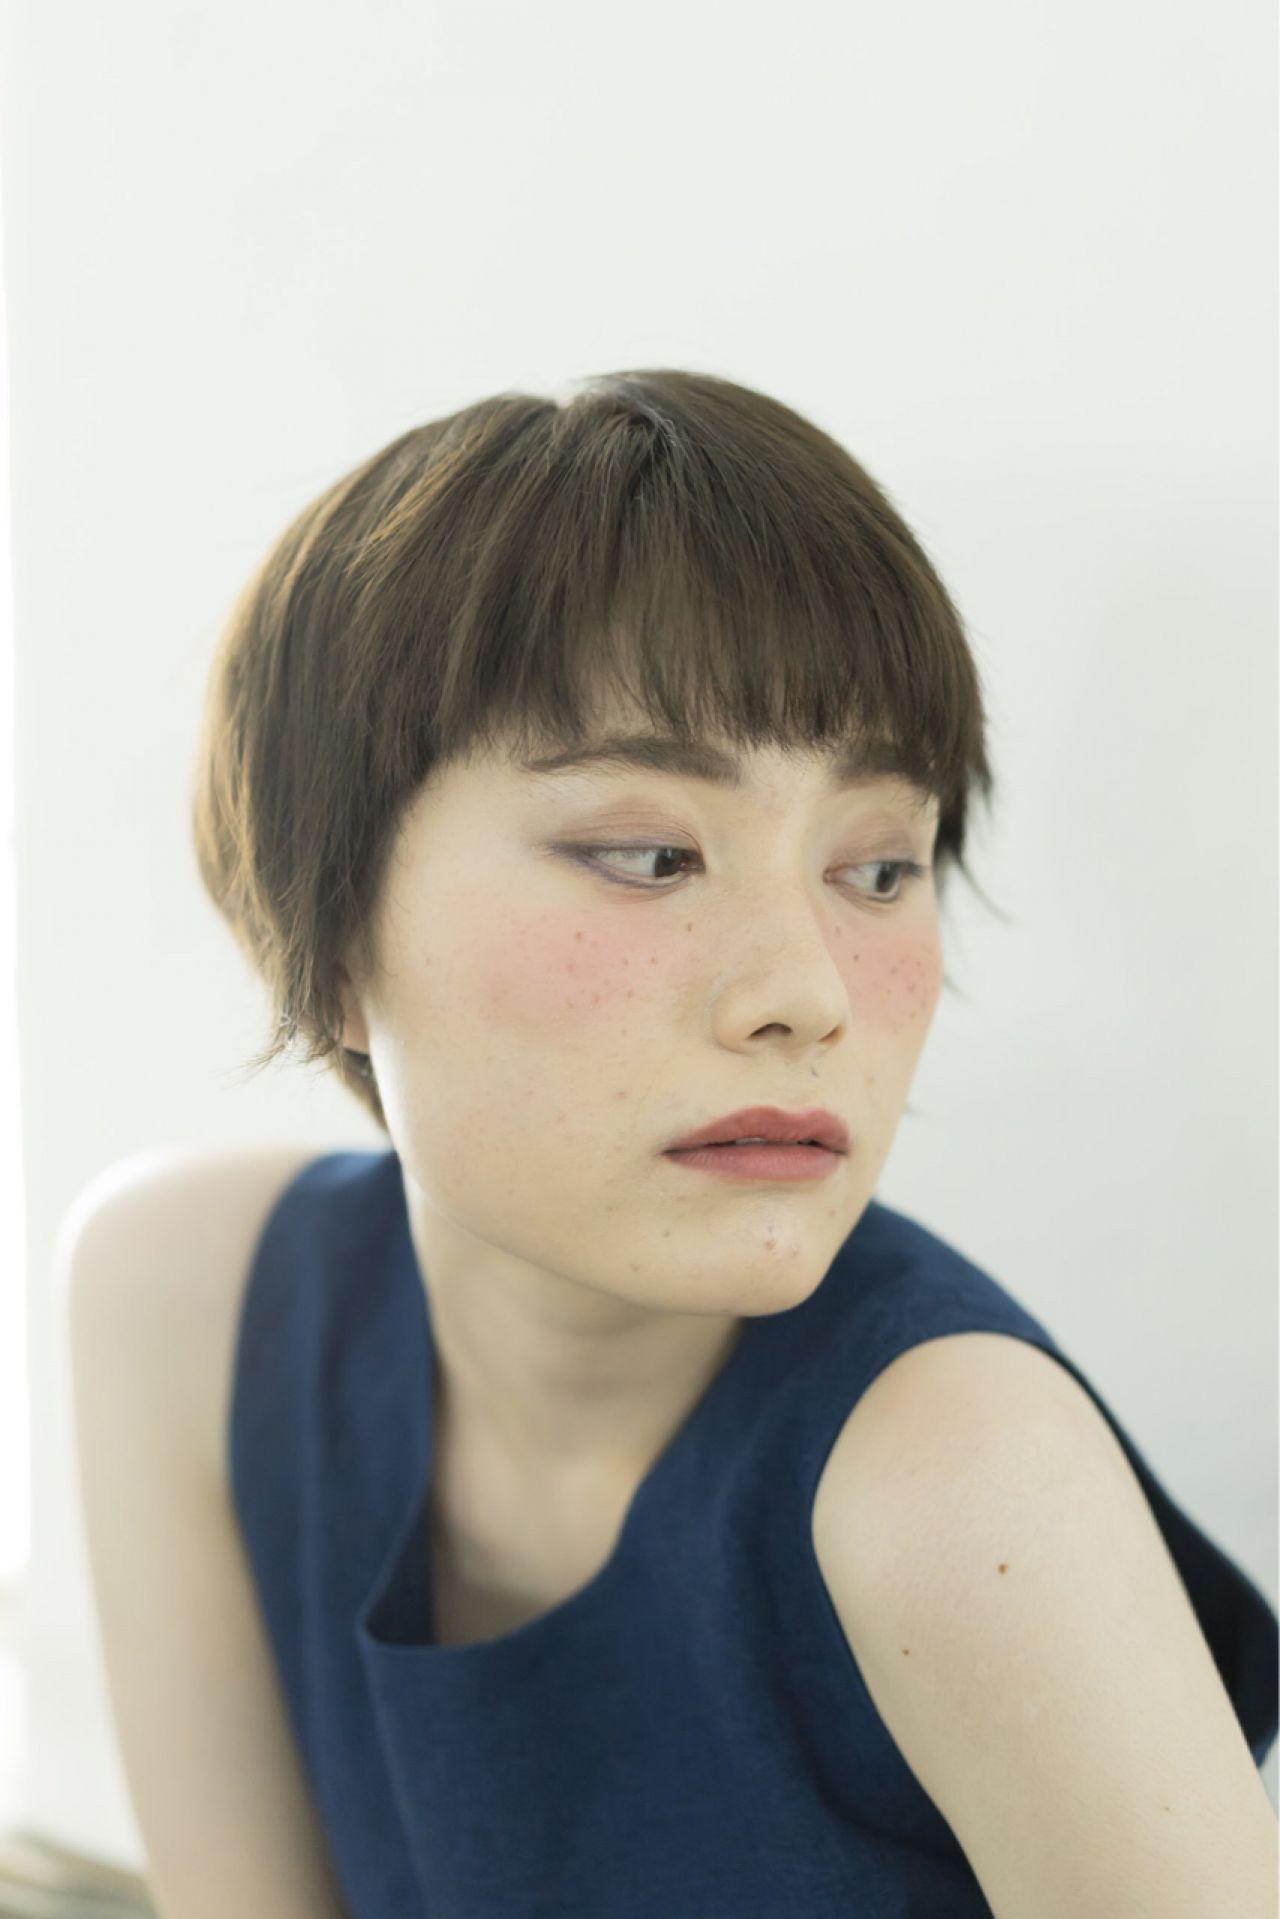 黒髪 ショート ストリート オン眉 ヘアスタイルや髪型の写真・画像 | 岩井祐美子 ALICE / Alice